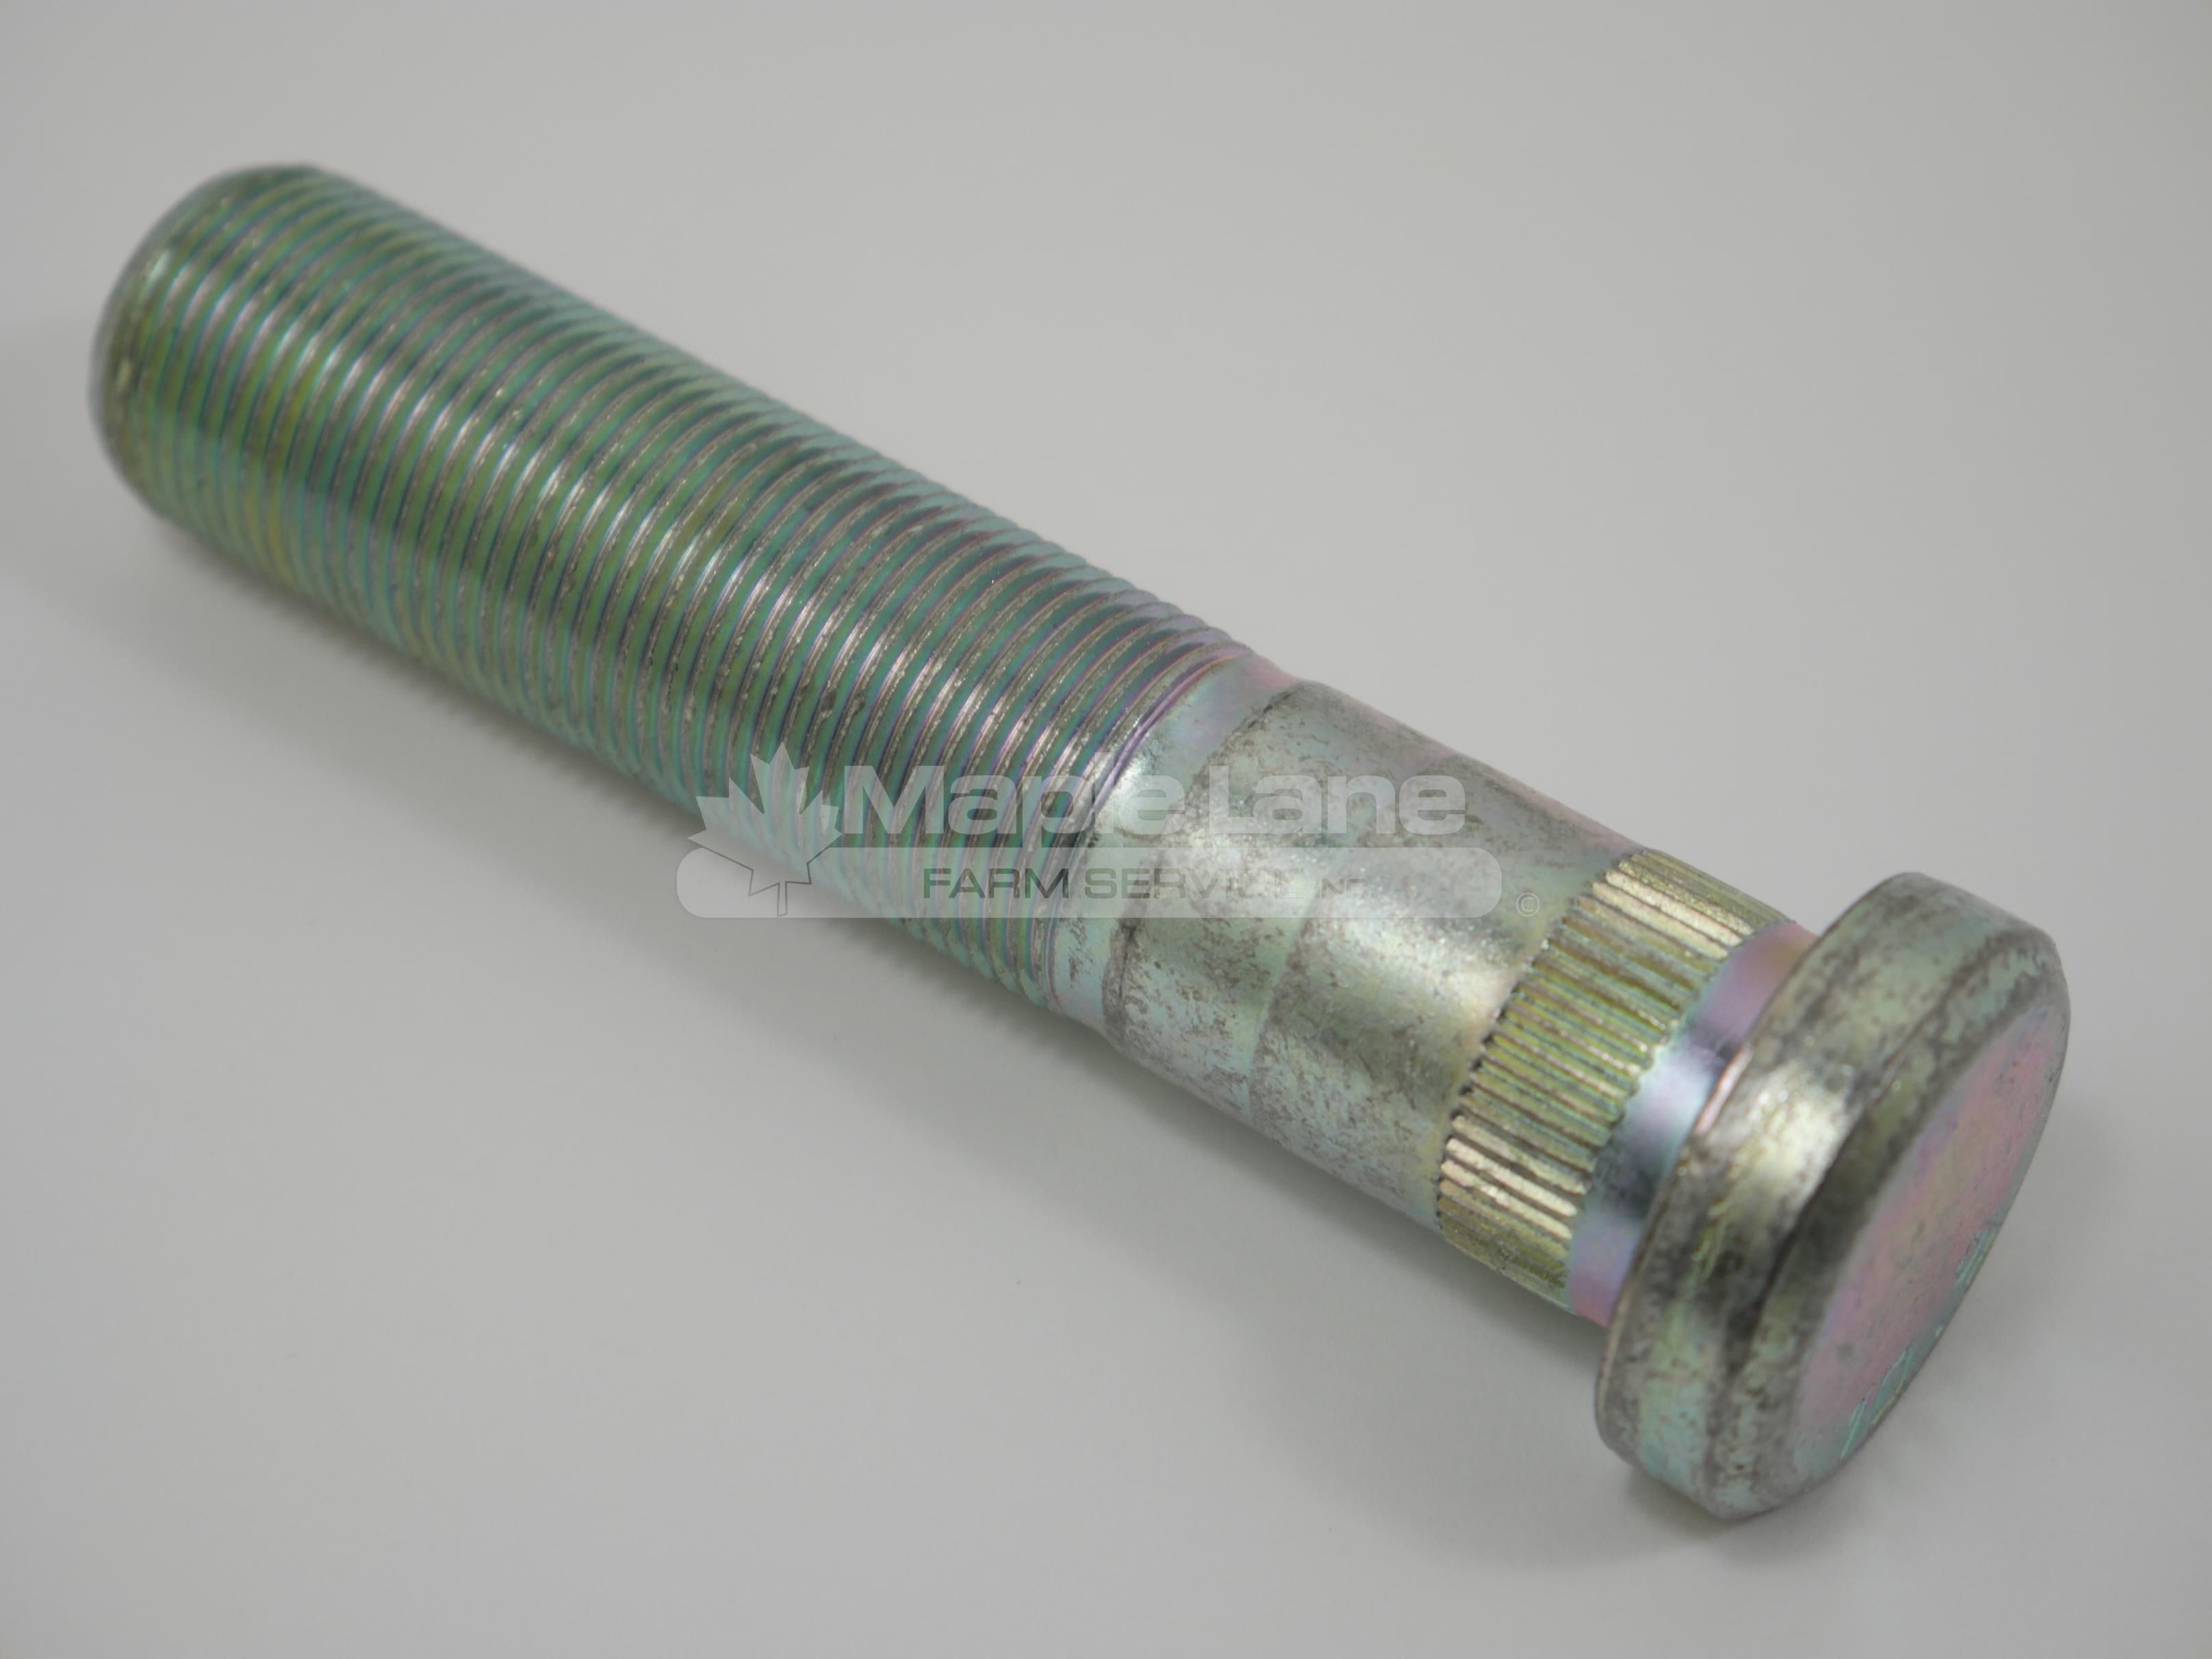 4384974M1 Stud Bolt M22-1.5 x 100